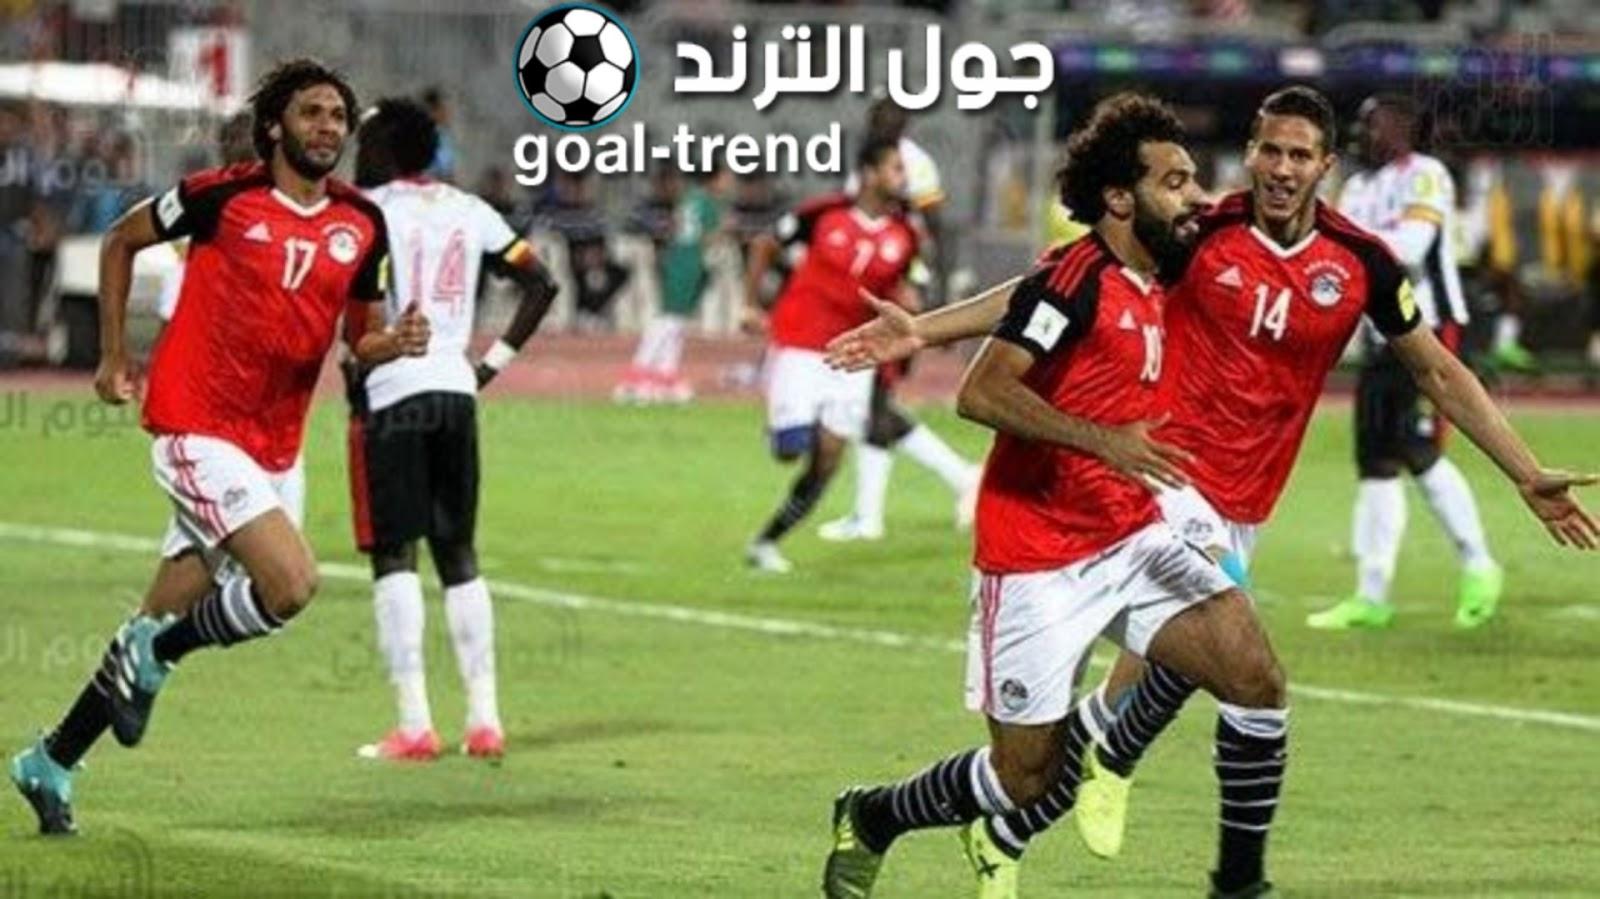 نتيجة مواجهة مصر واوغندا في كأس امم افريقيا